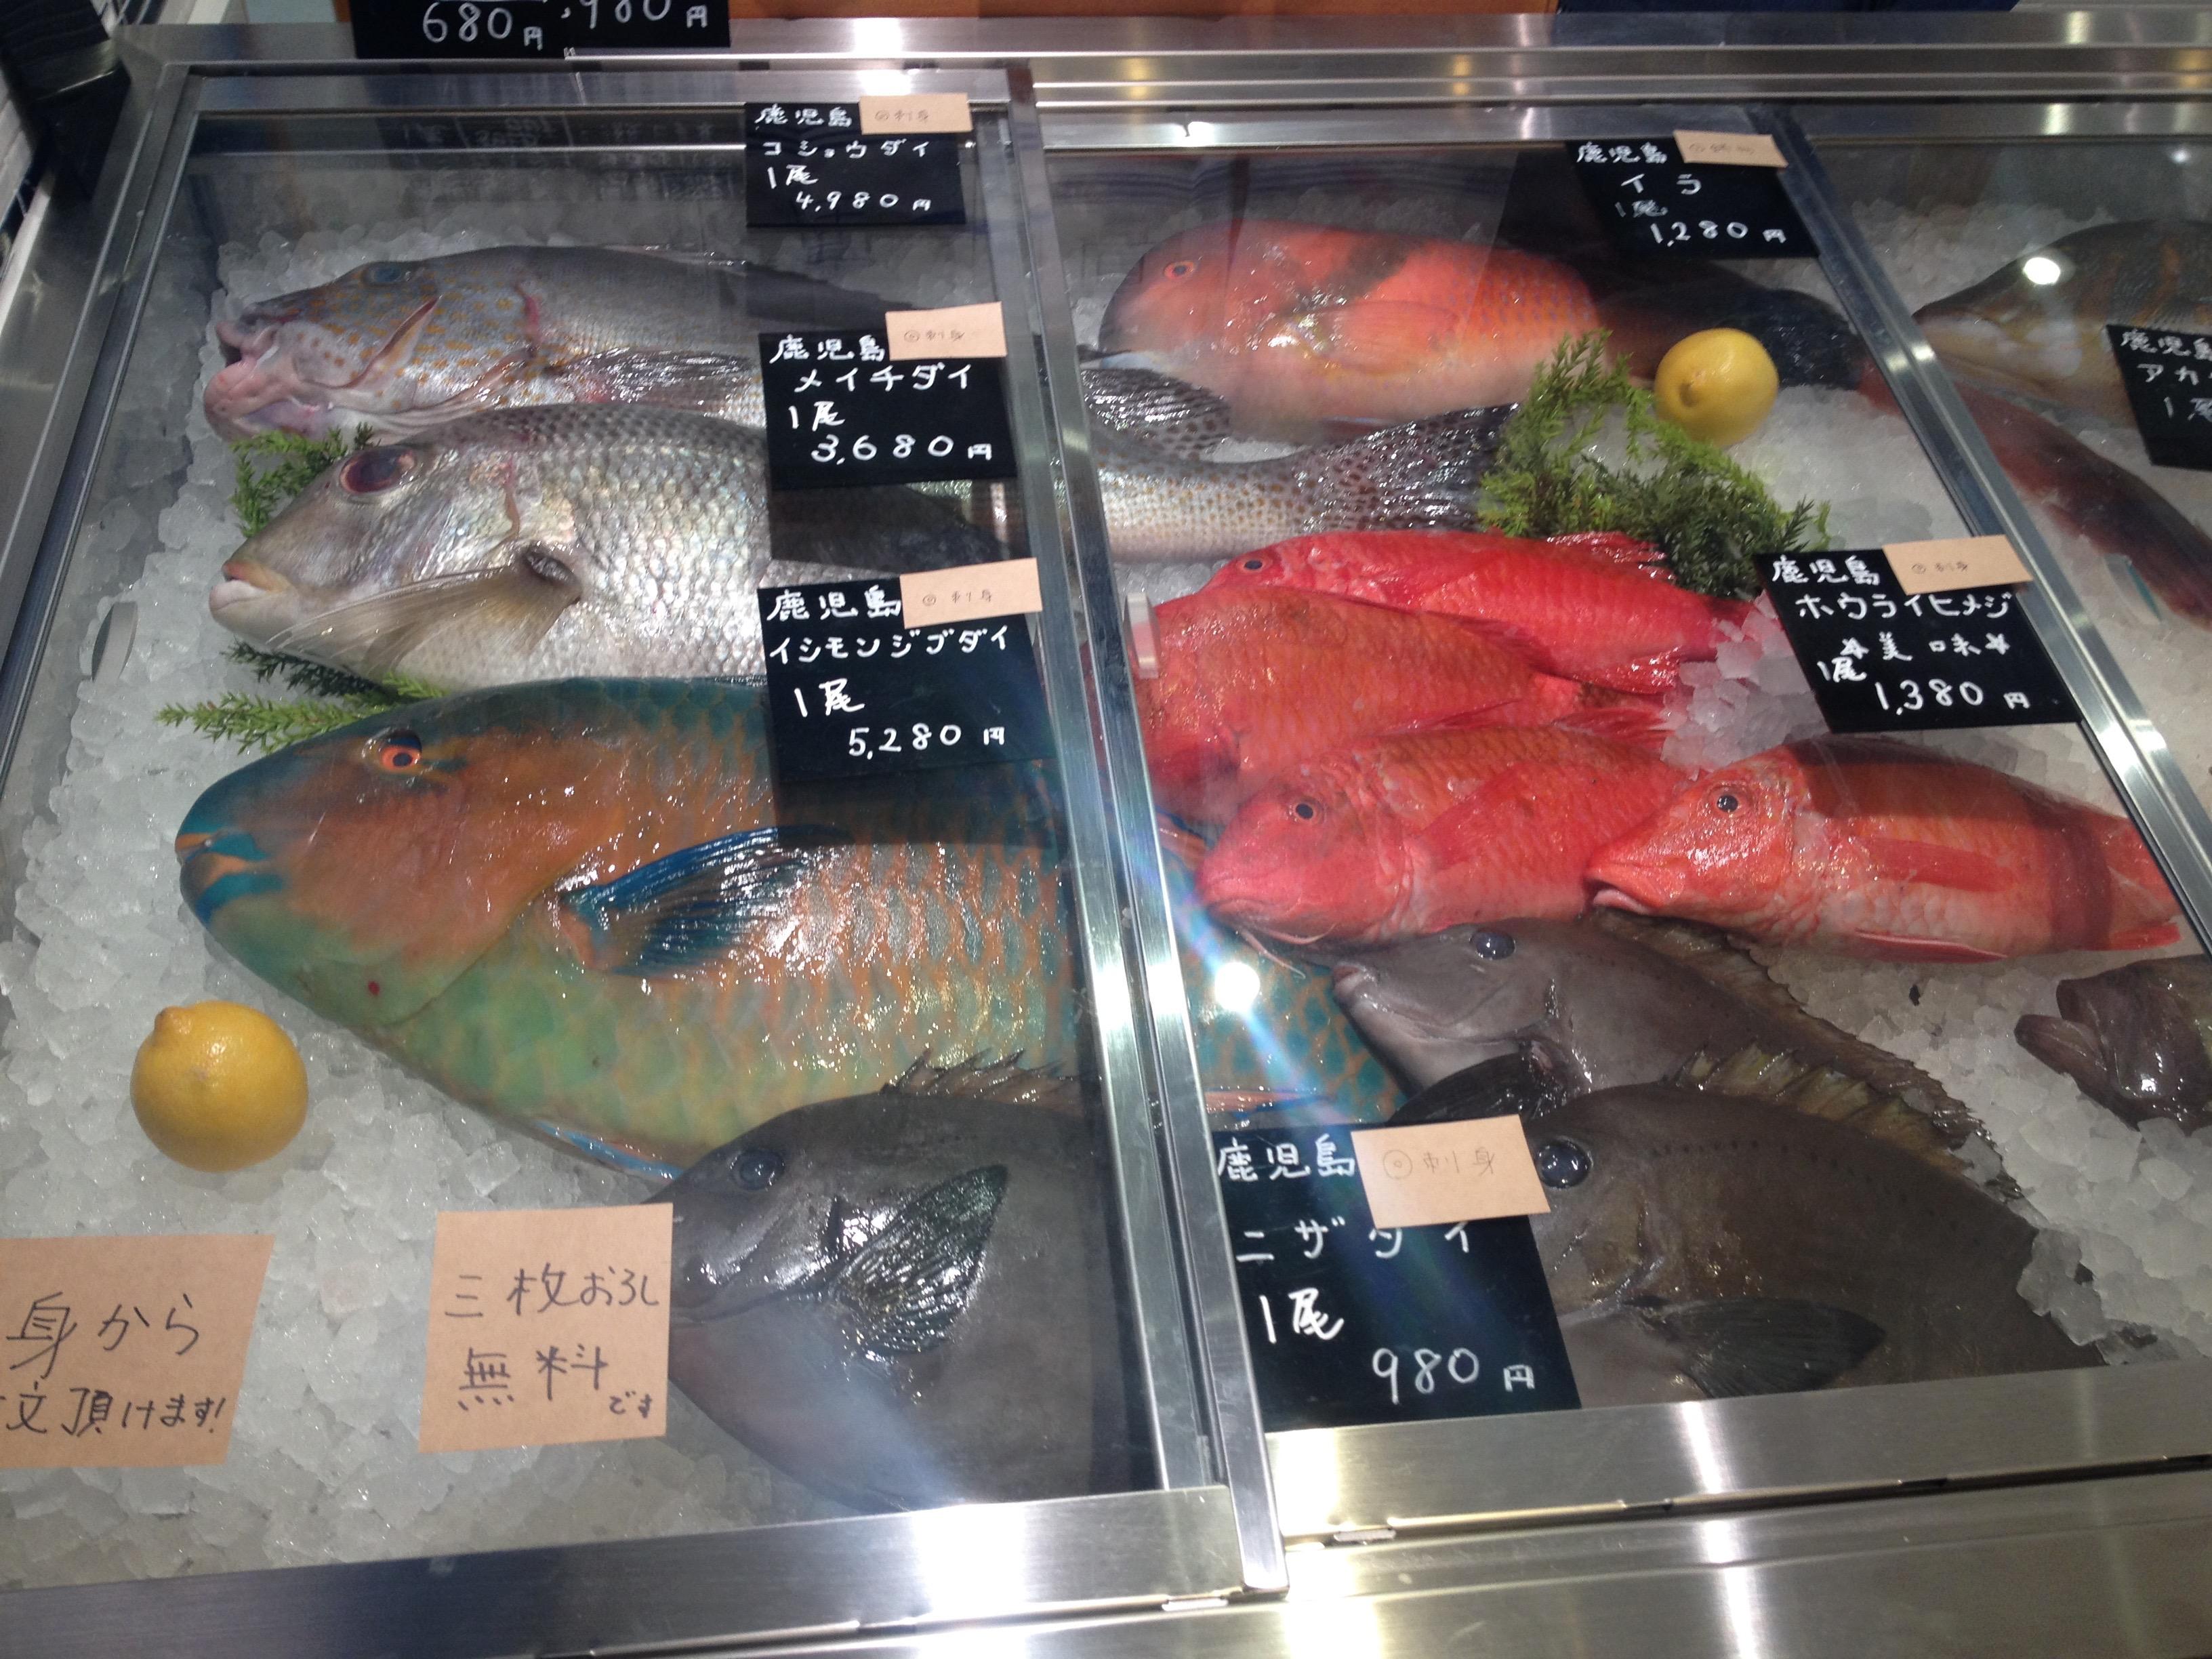 フーディソンが運営するsakana baccaが販売する魚介類。直売で販売される魚の中には築地でも珍しいものもあるが、サイズ・大きさ・加工の度合いなど状況に応じたITによる情報整理も行われている。(出典:筆者撮影)